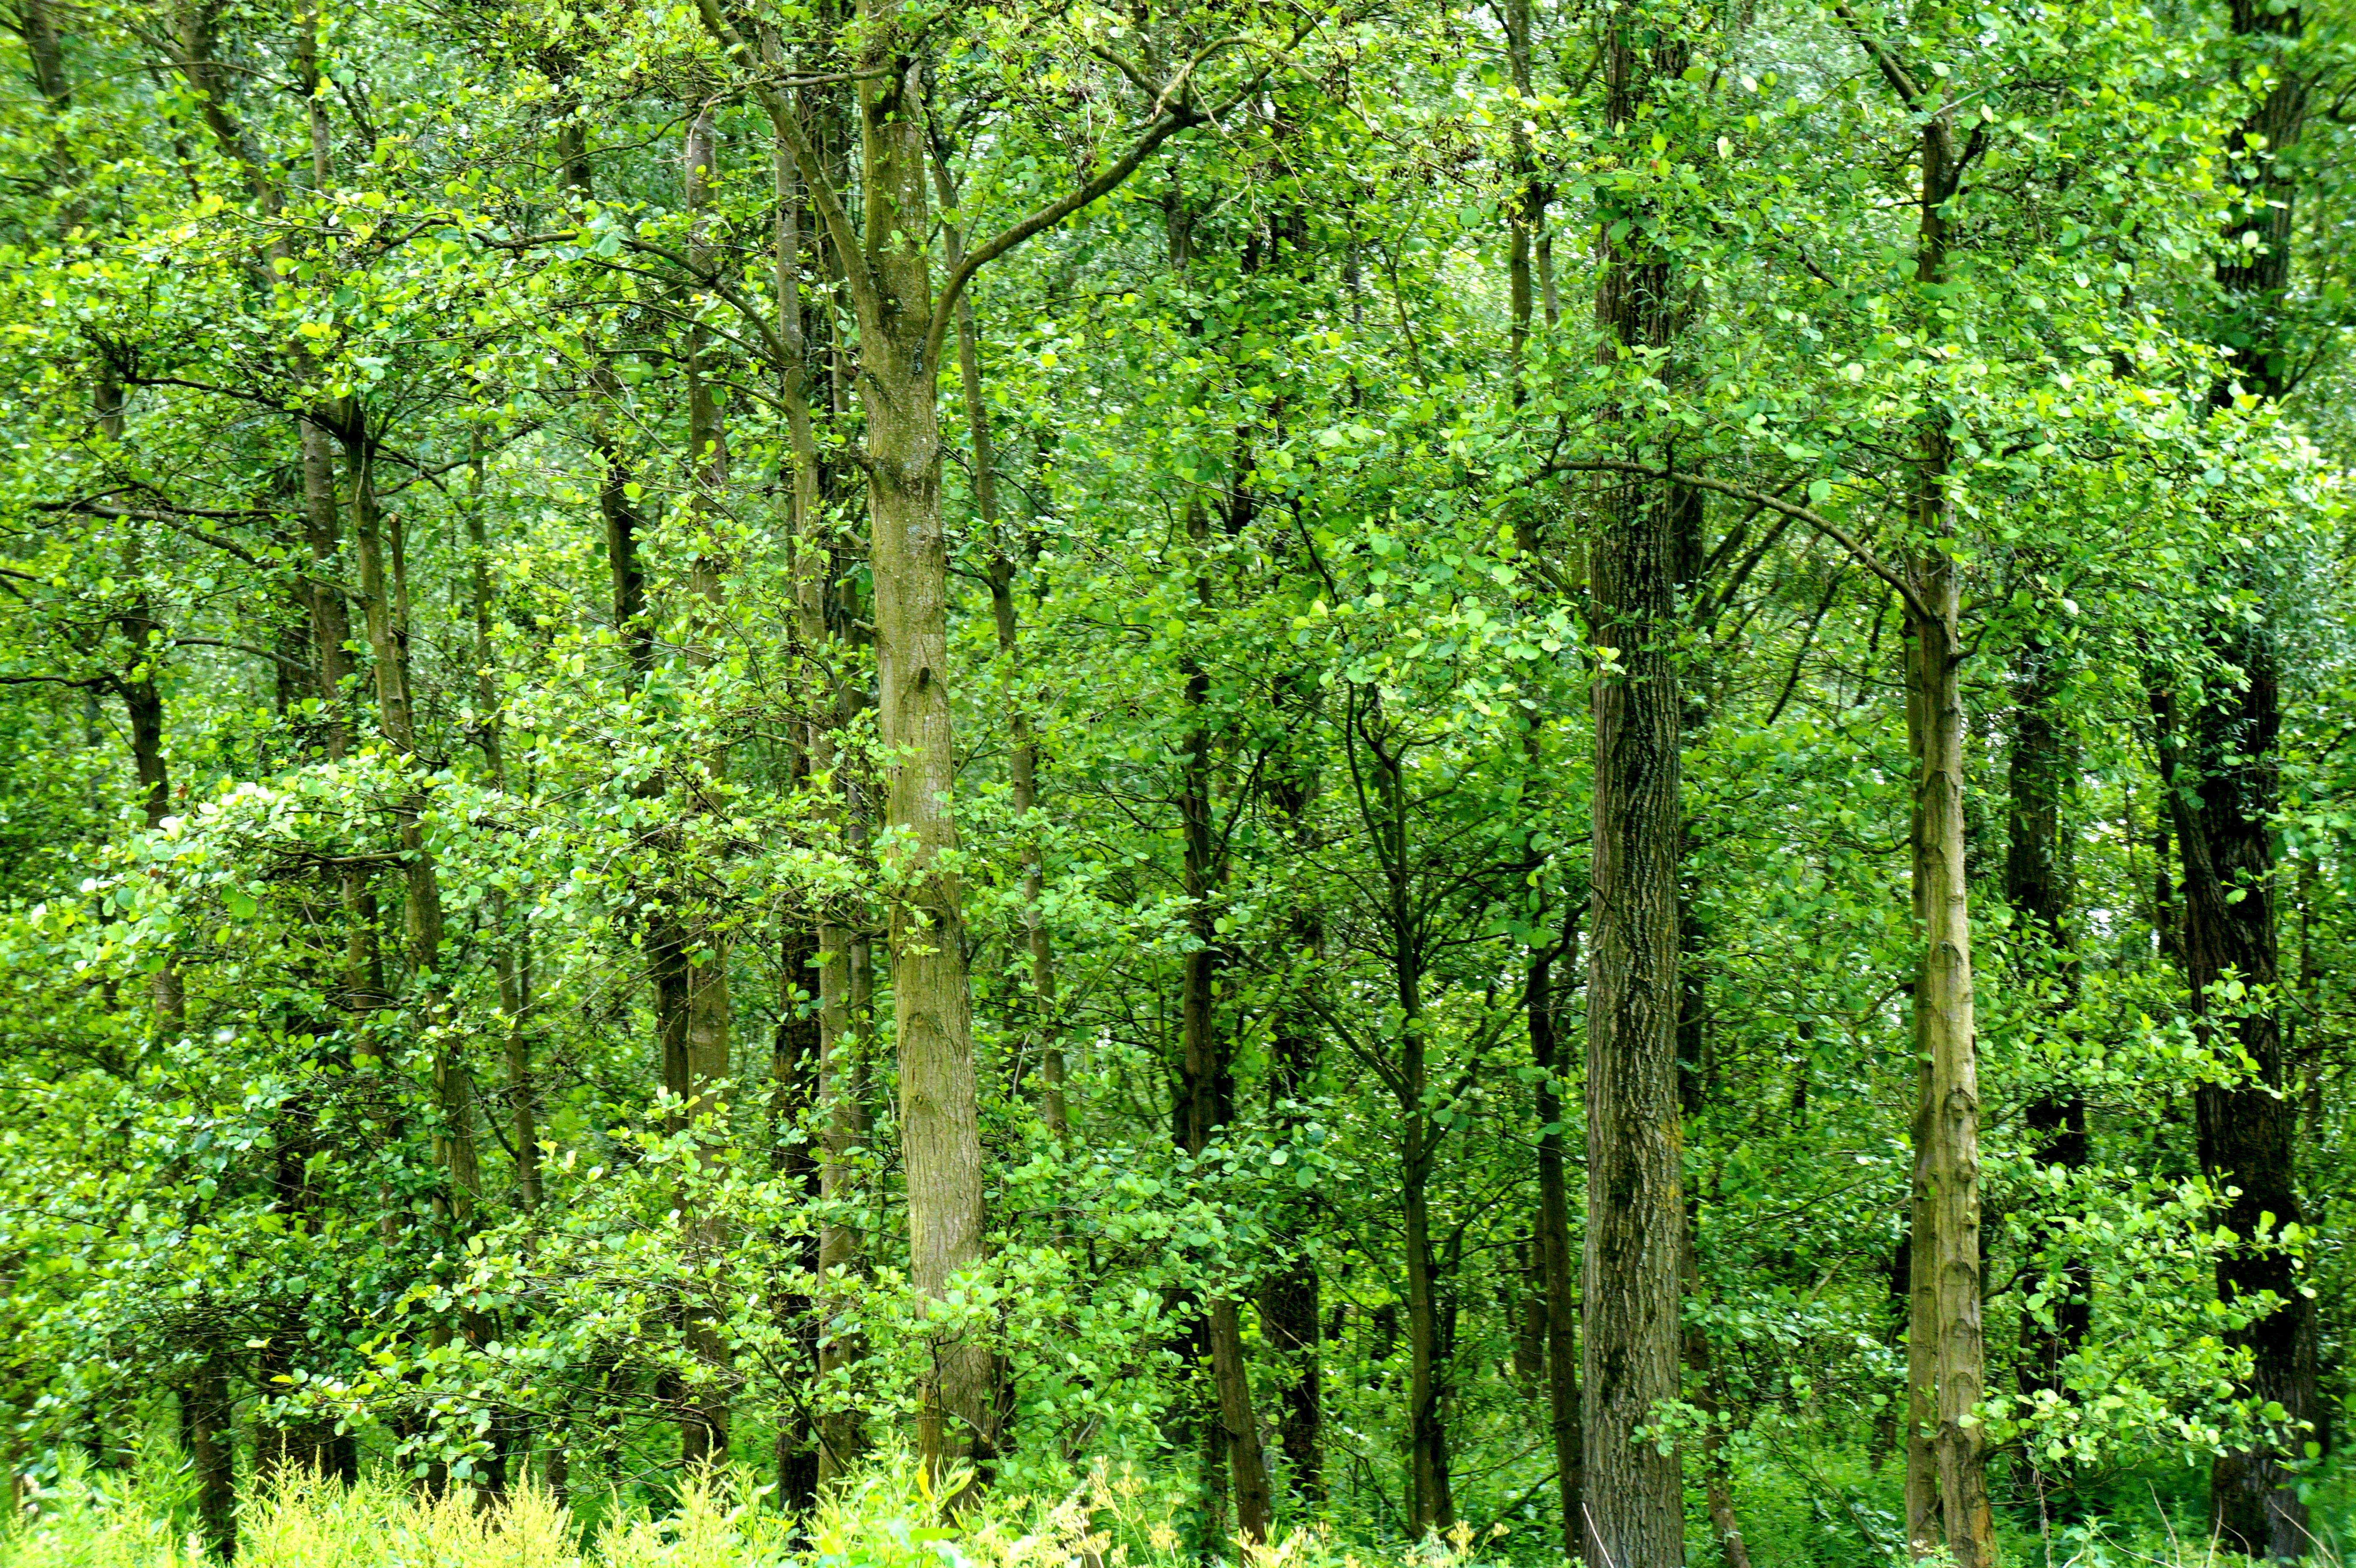 появилась лиственный лес картинки для презентации требовала заключение под